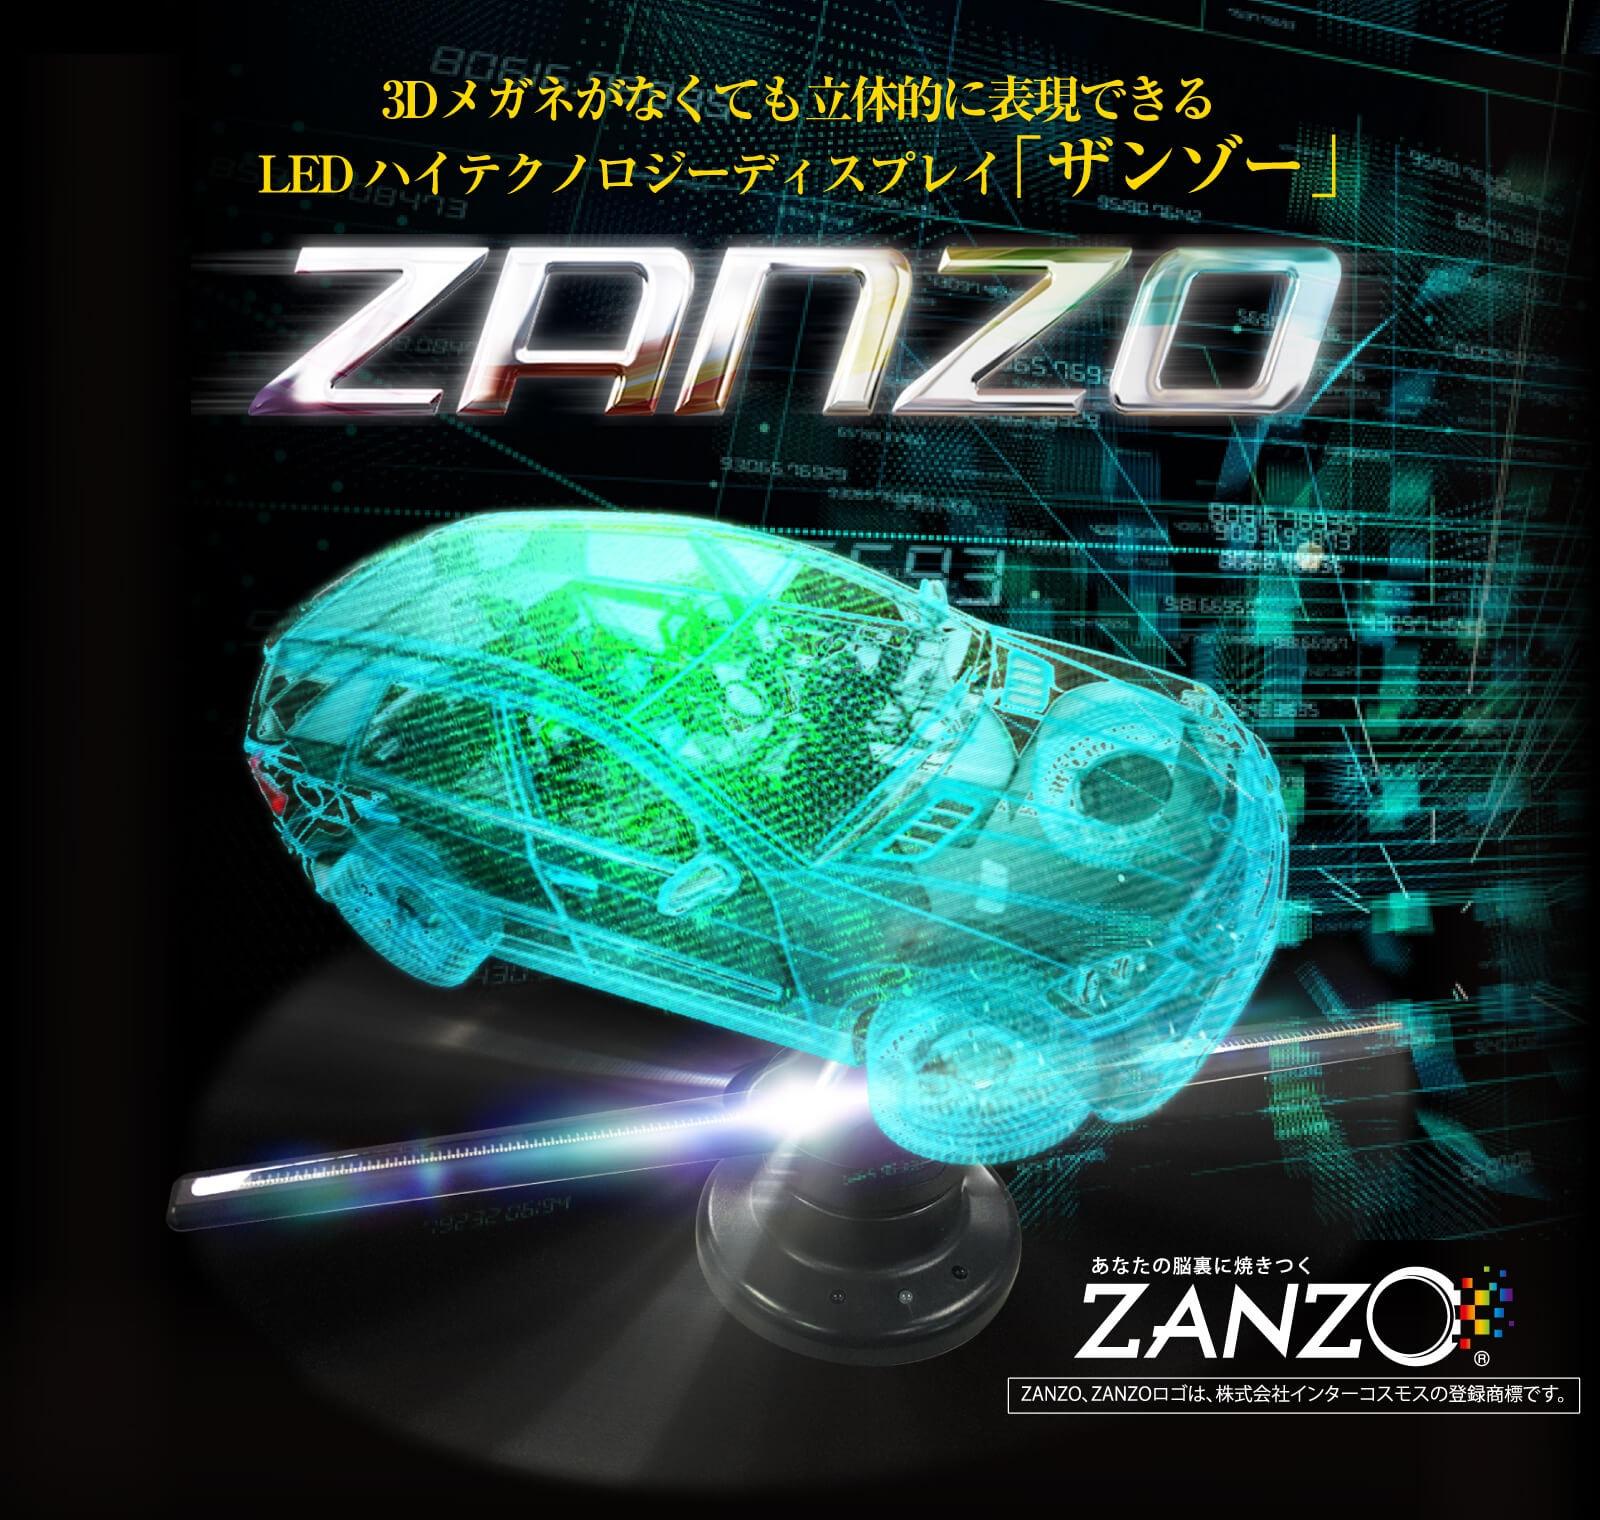 3Dメガネがなくても立体的に表現できるLEDハイテクノロジーディスプレイ「ザンゾー」